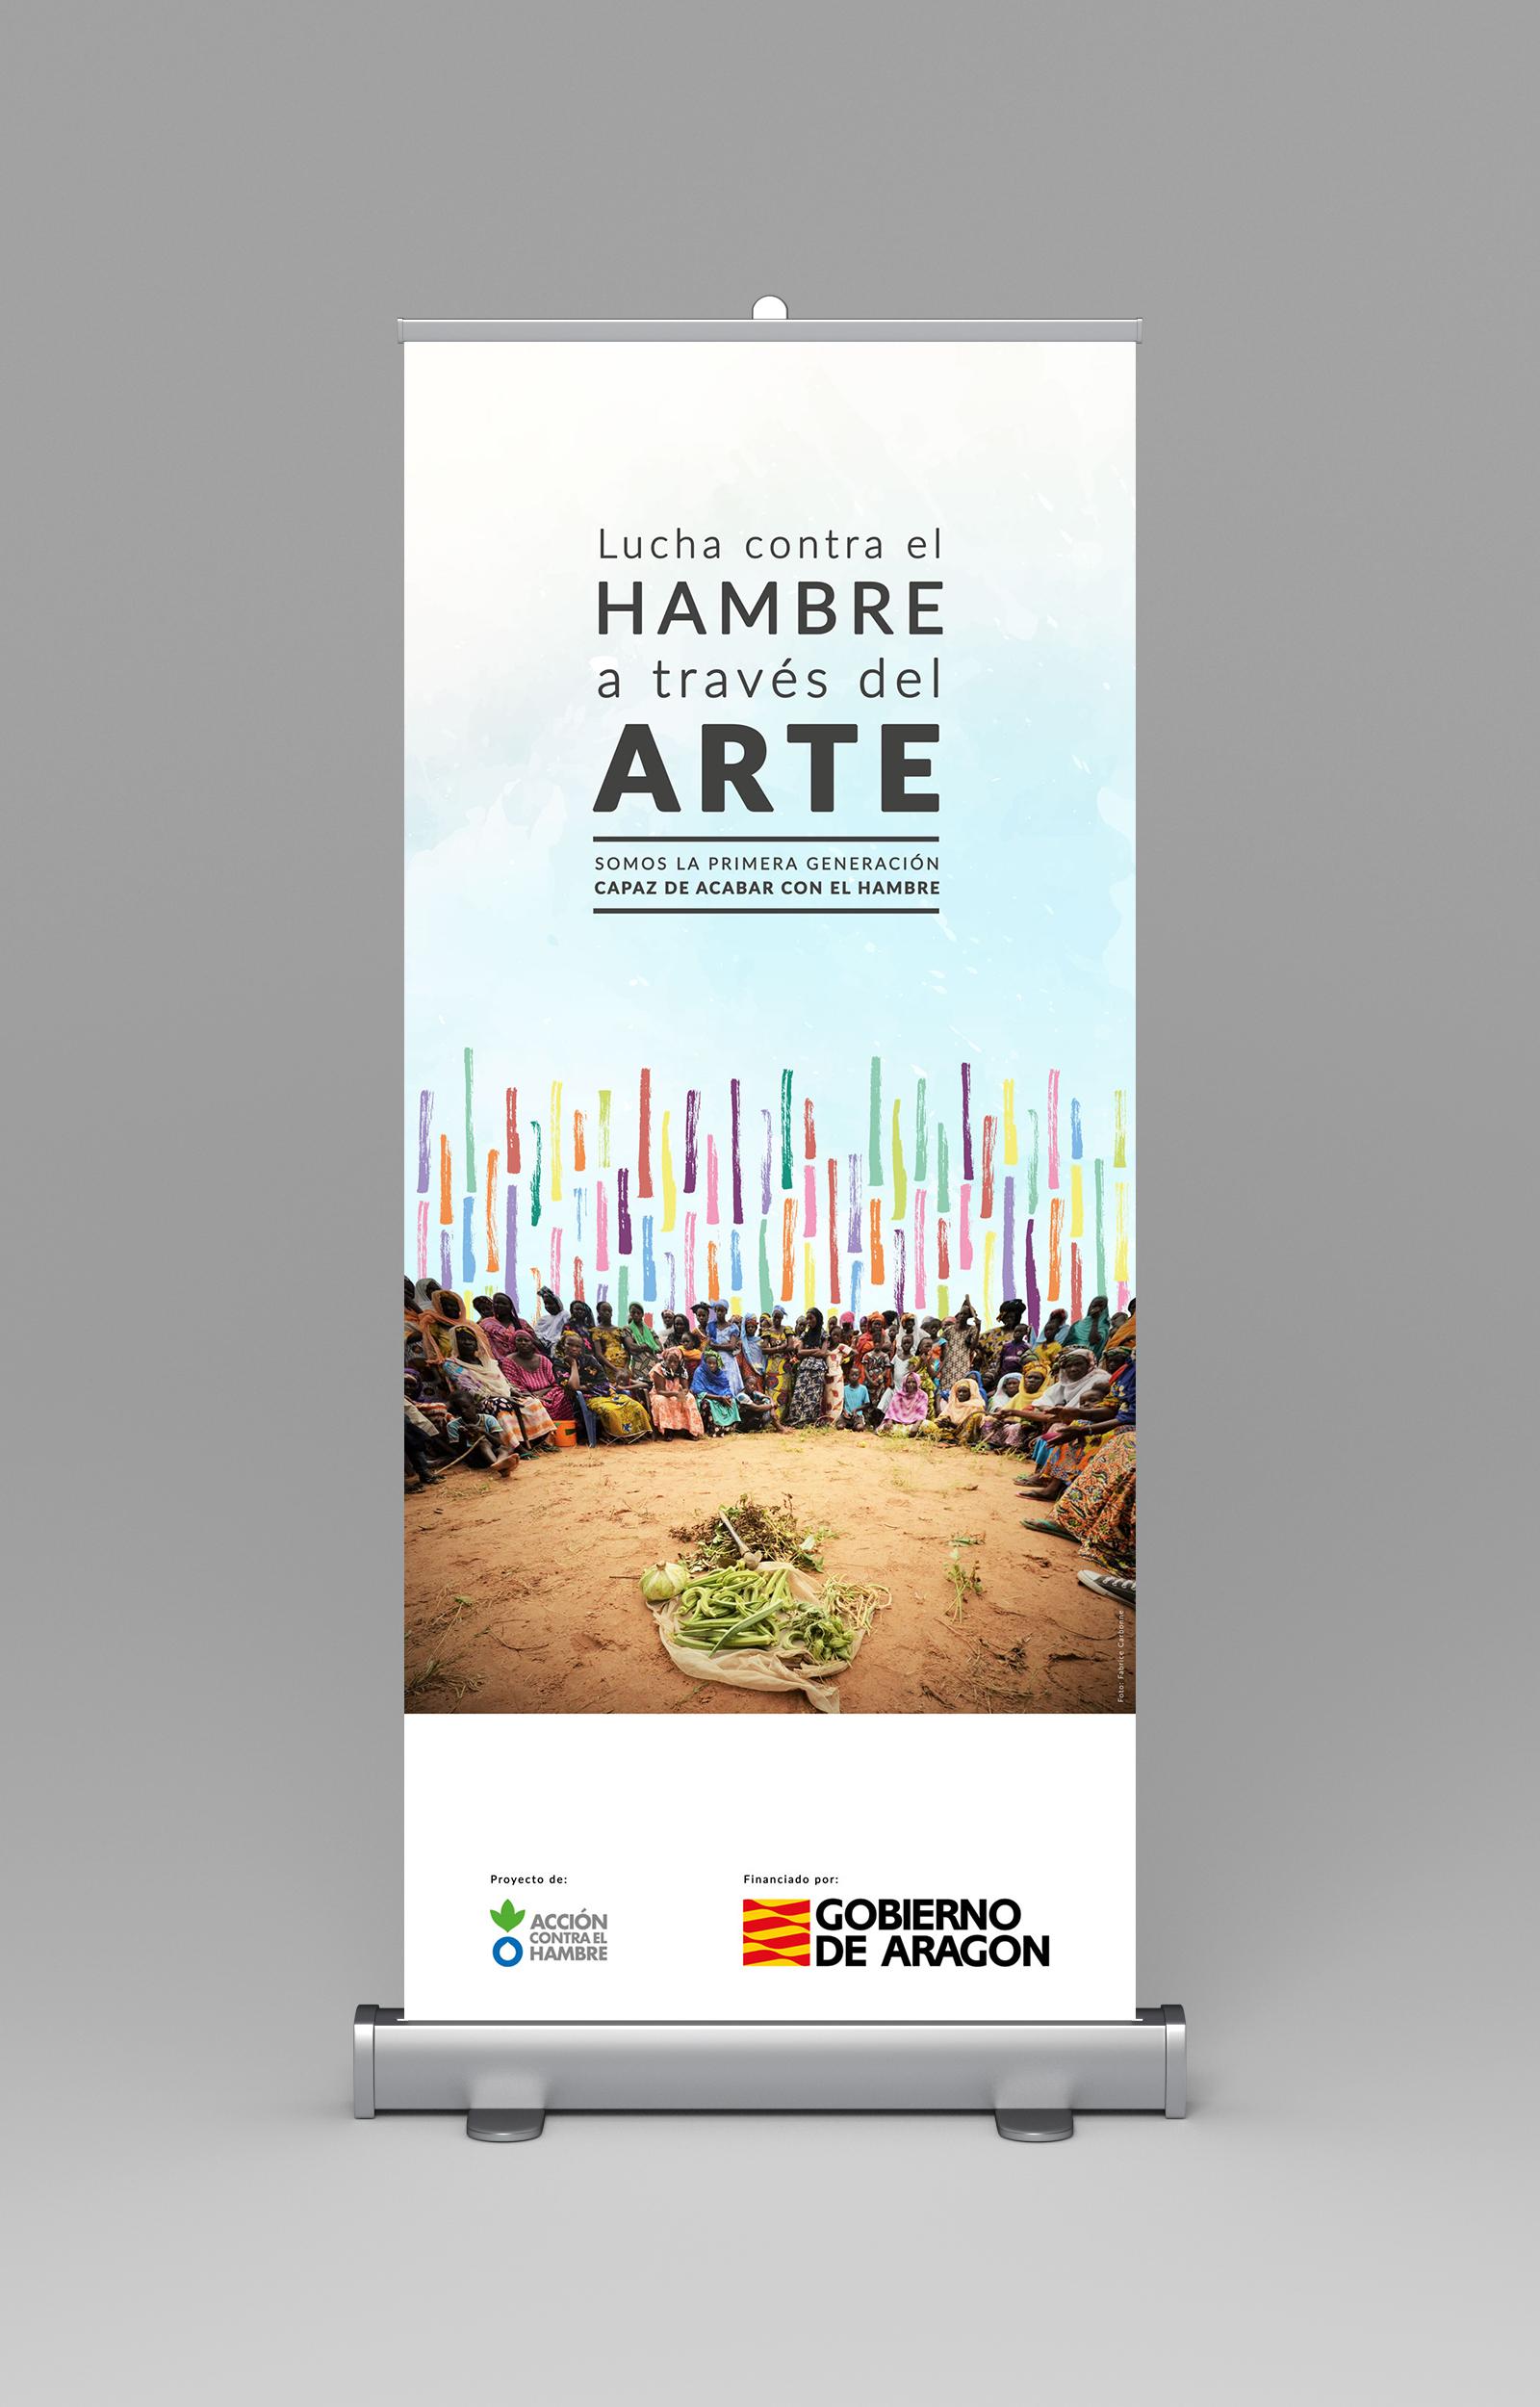 Diseño gráfico de la imagen de Accion Contra el Hambre en su carpa de Generación No Hunger_Recreando Estudio Creativo